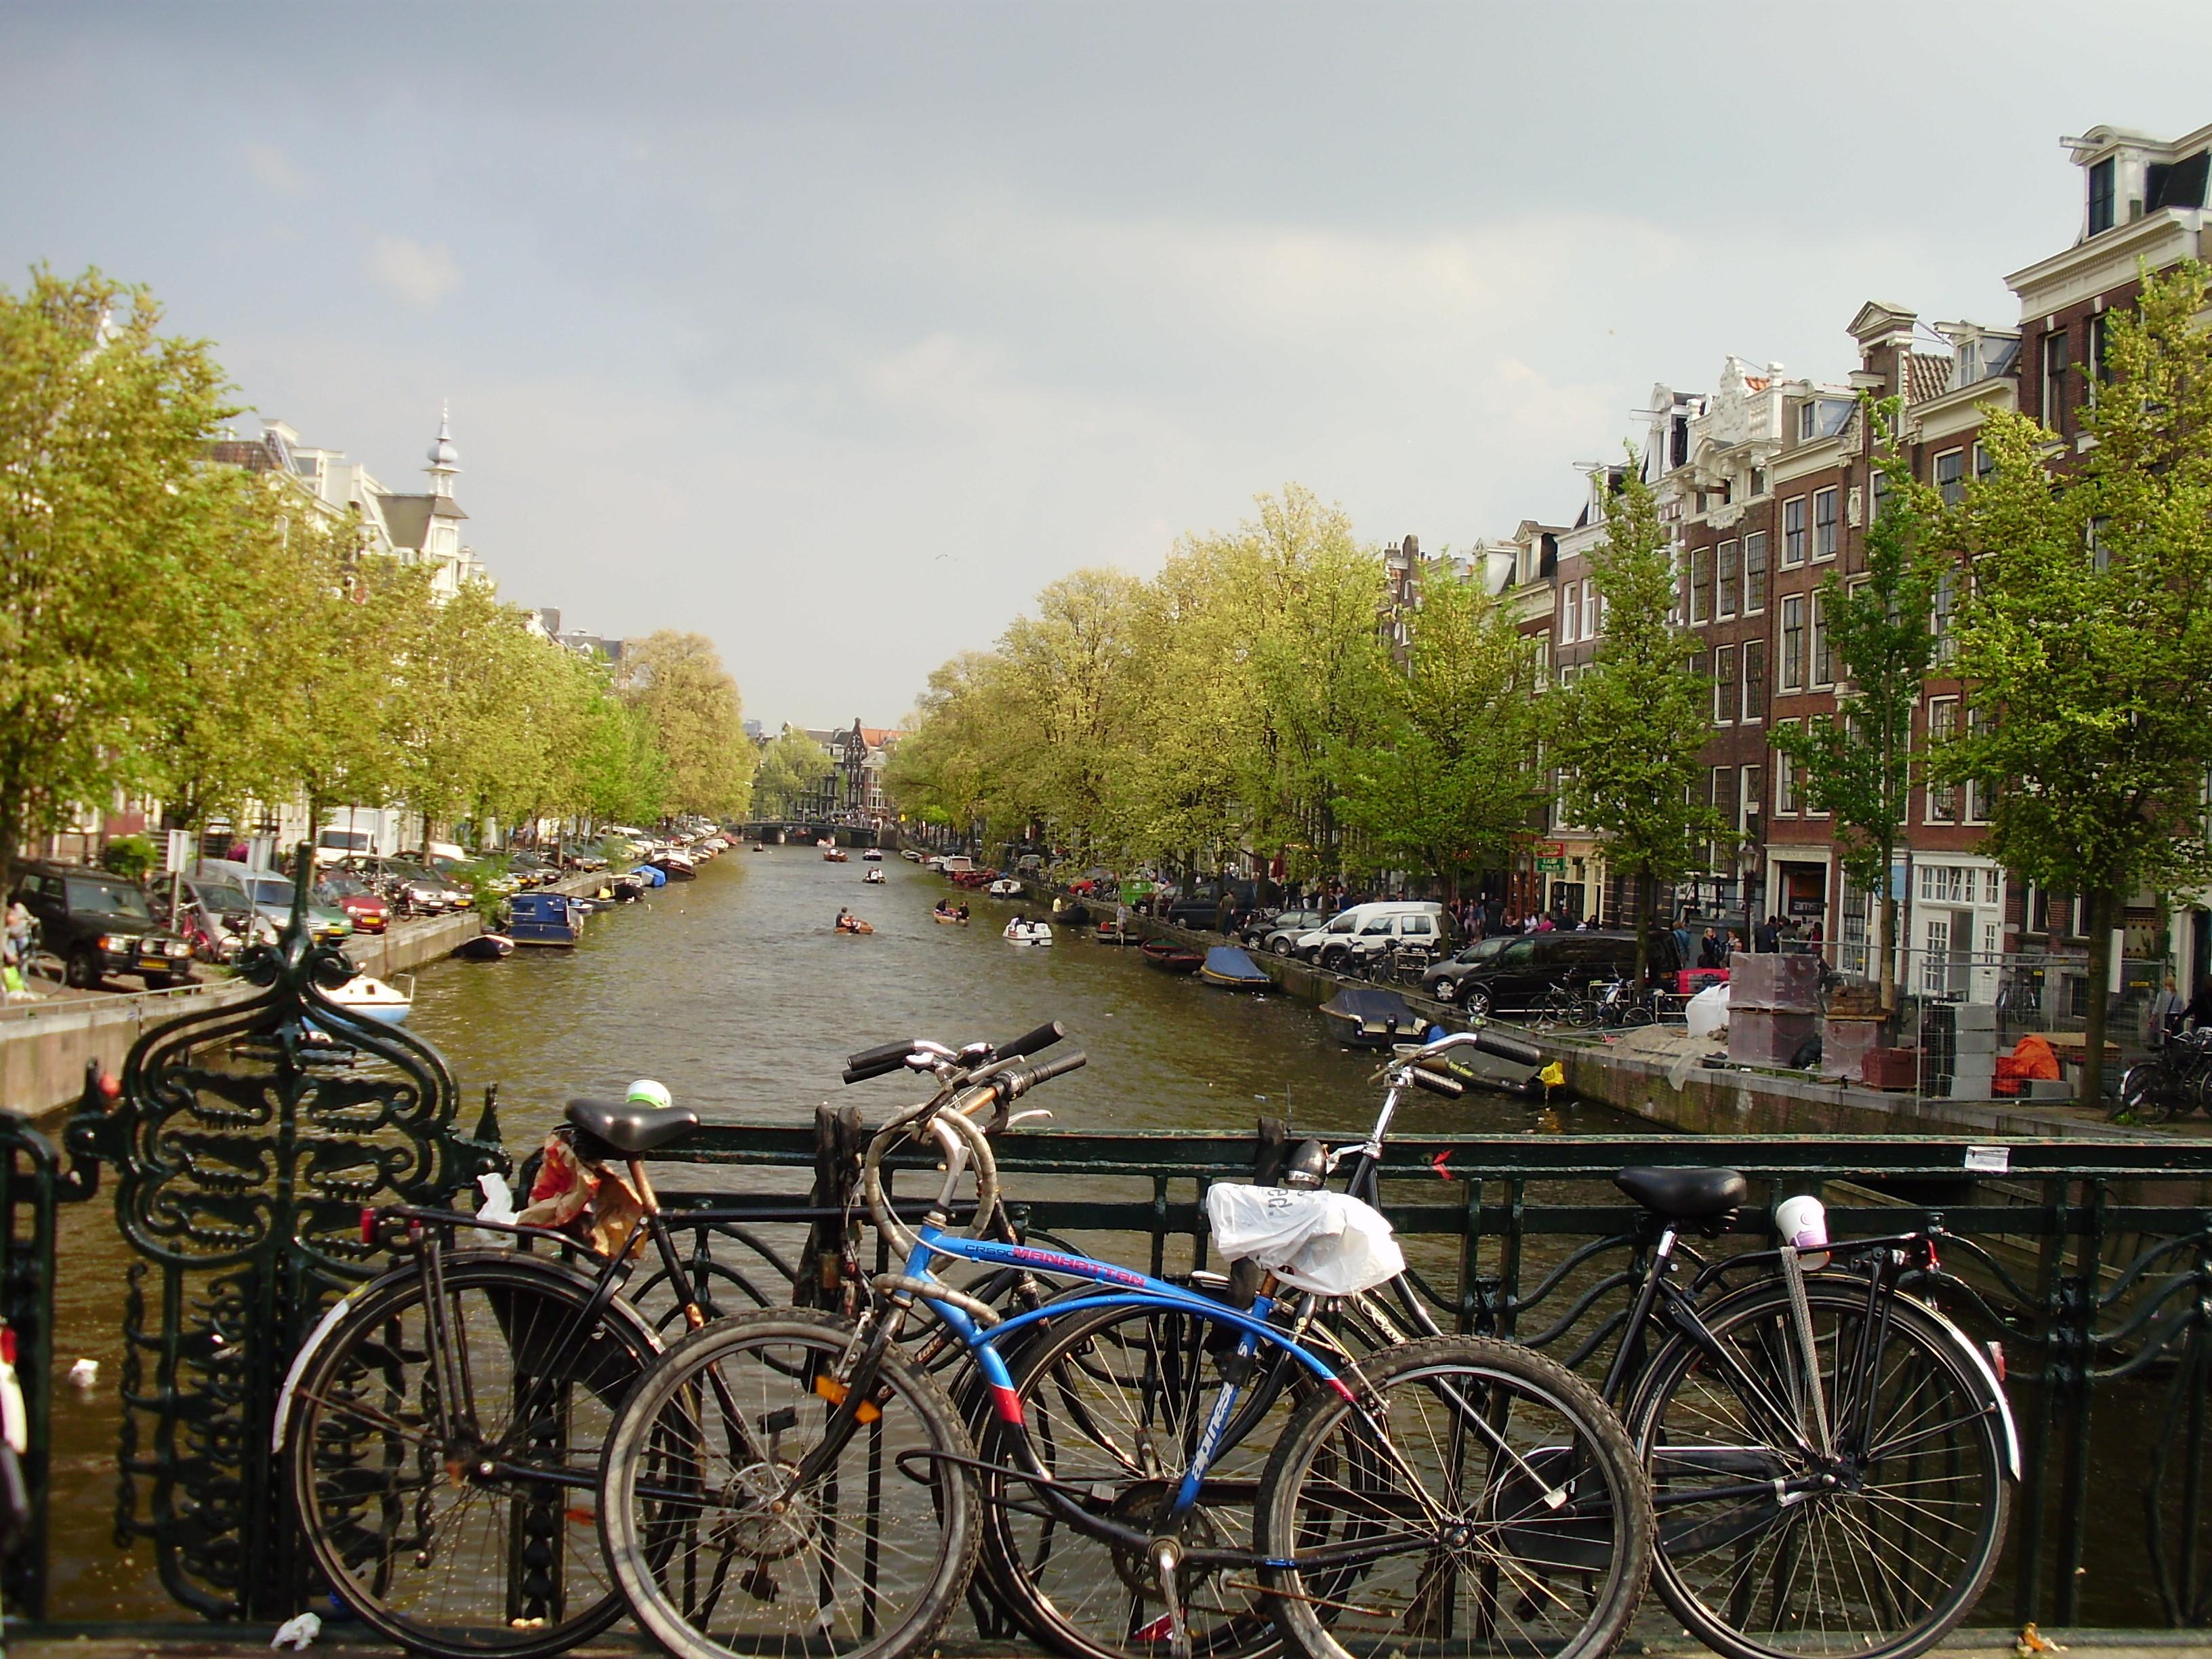 3 Tage Amsterdam Gutschein Im 4 Hotel Inkl Fr Hst Ck F R